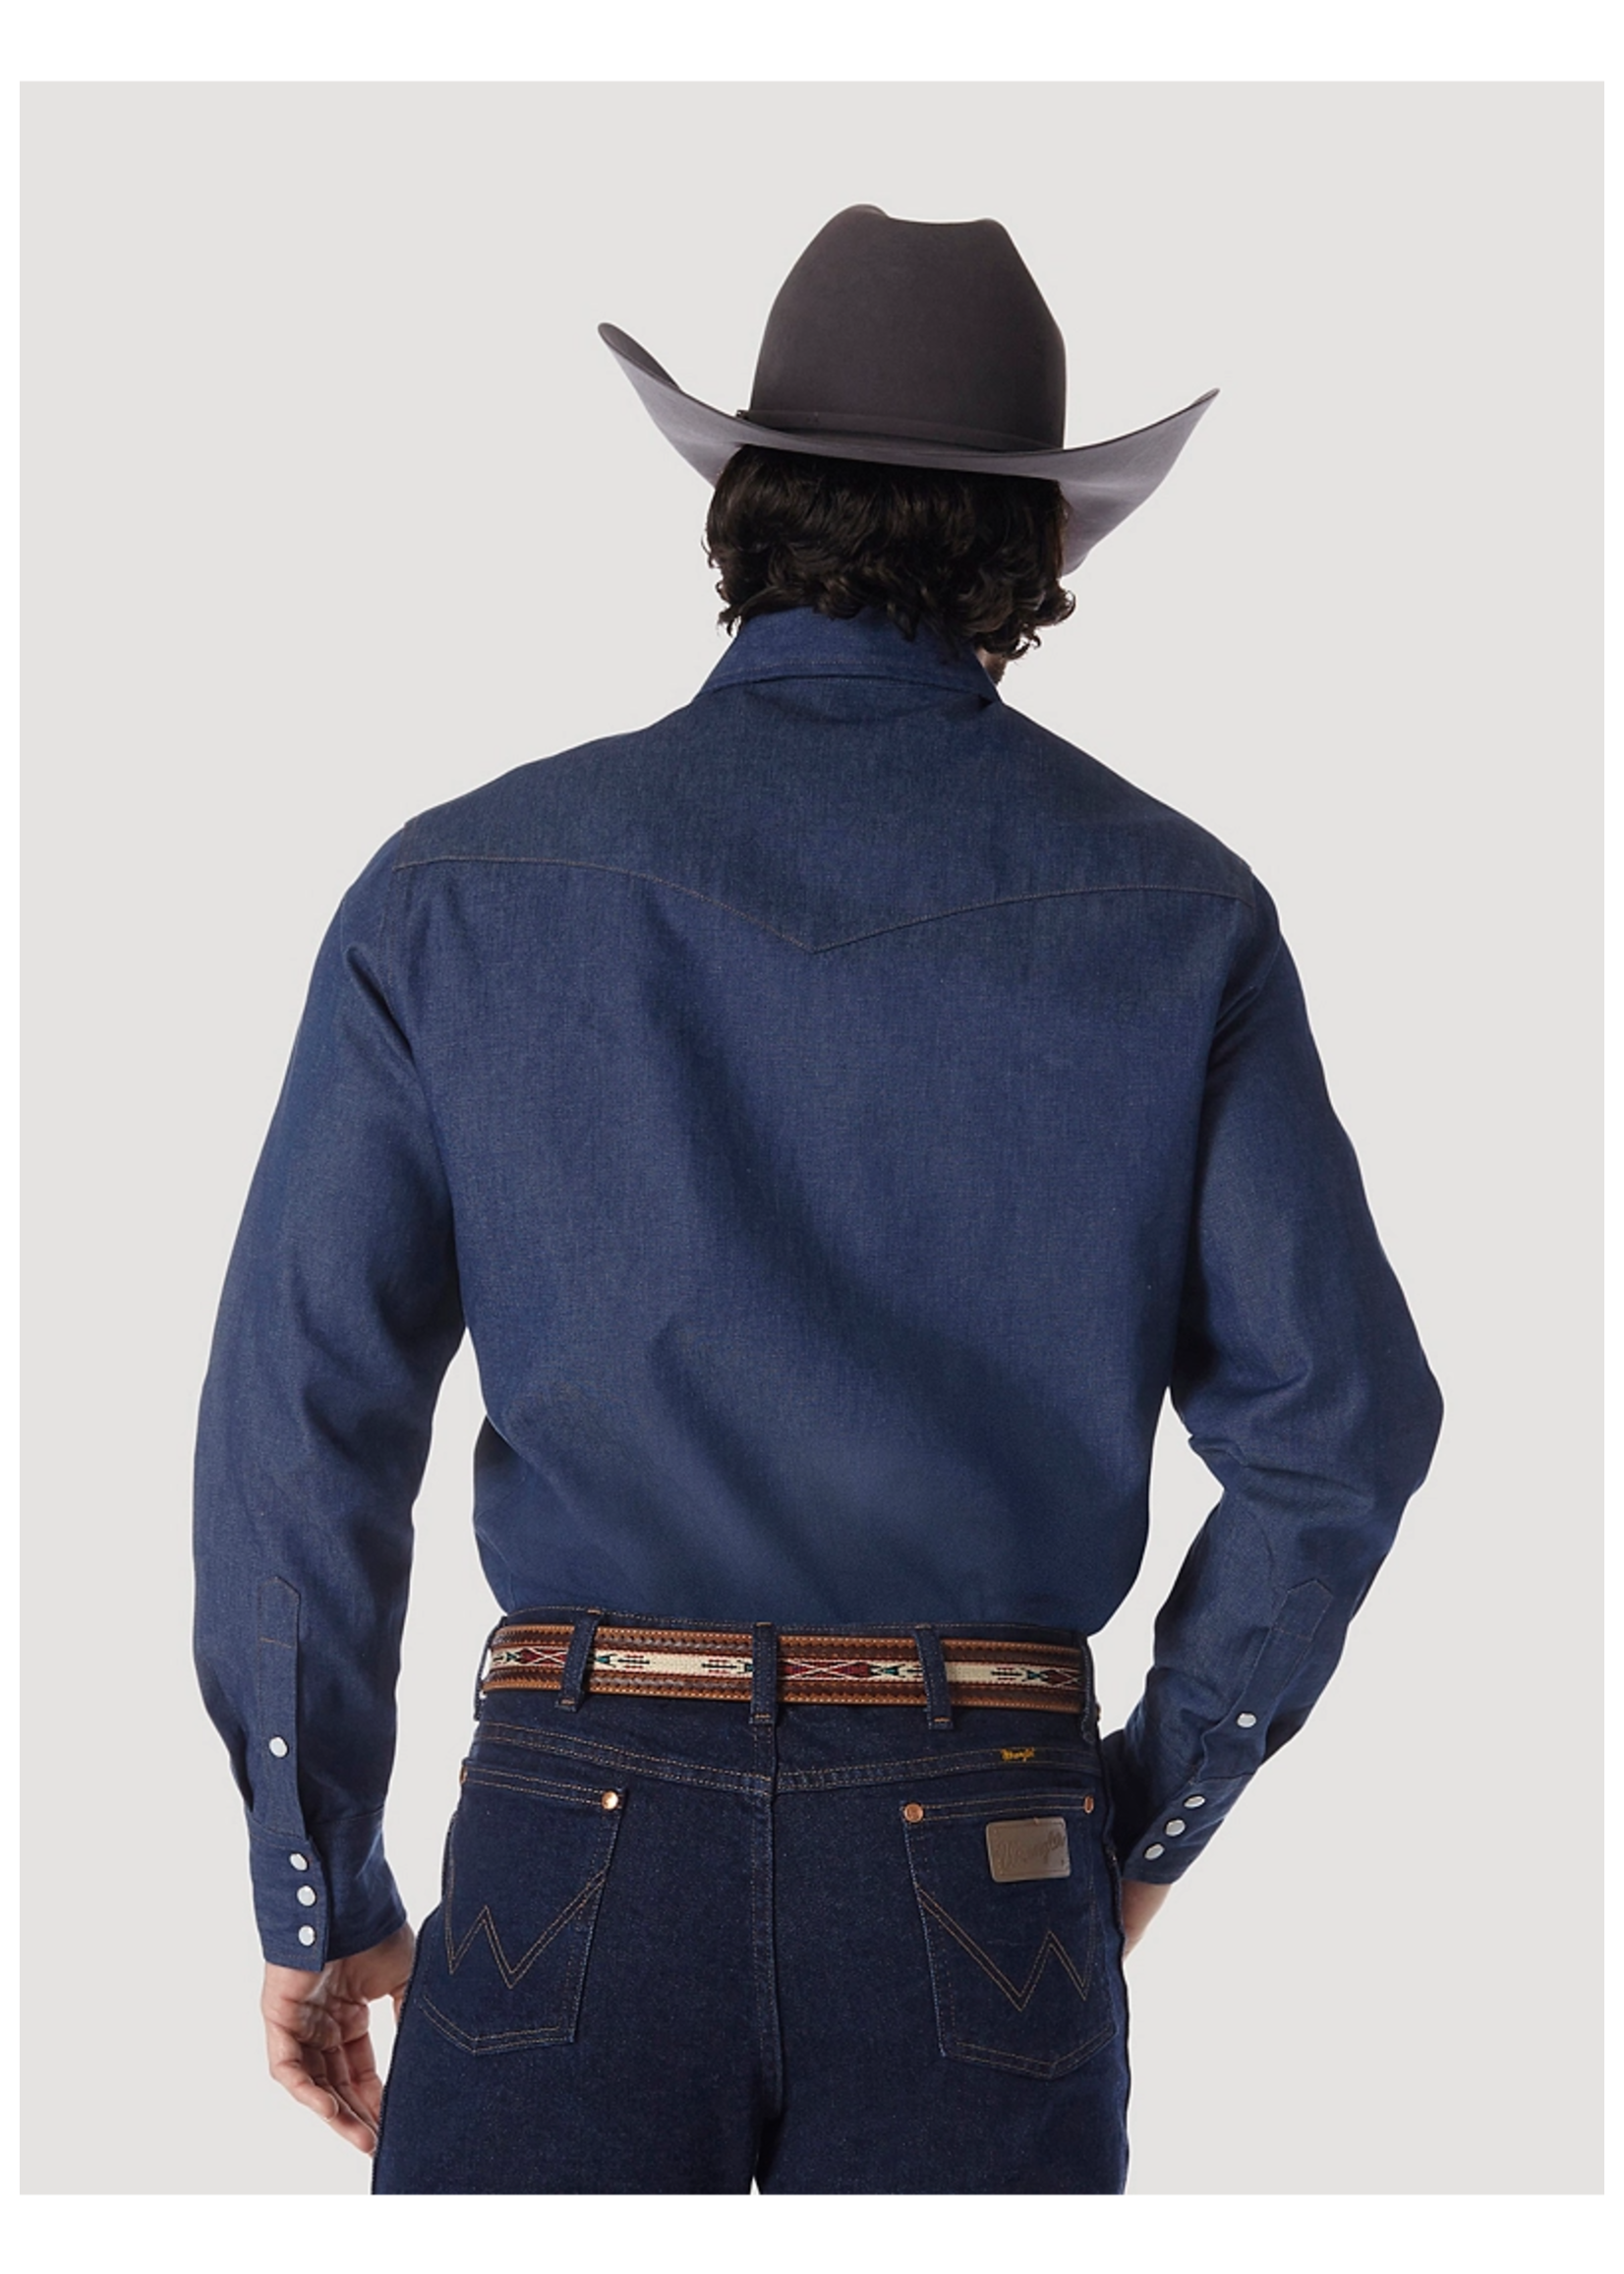 Wrangler COWBOY CUT® WORK WESTERN RIGID DENIM LONG SLEEVE SHIRT IN RIGID INDIGO